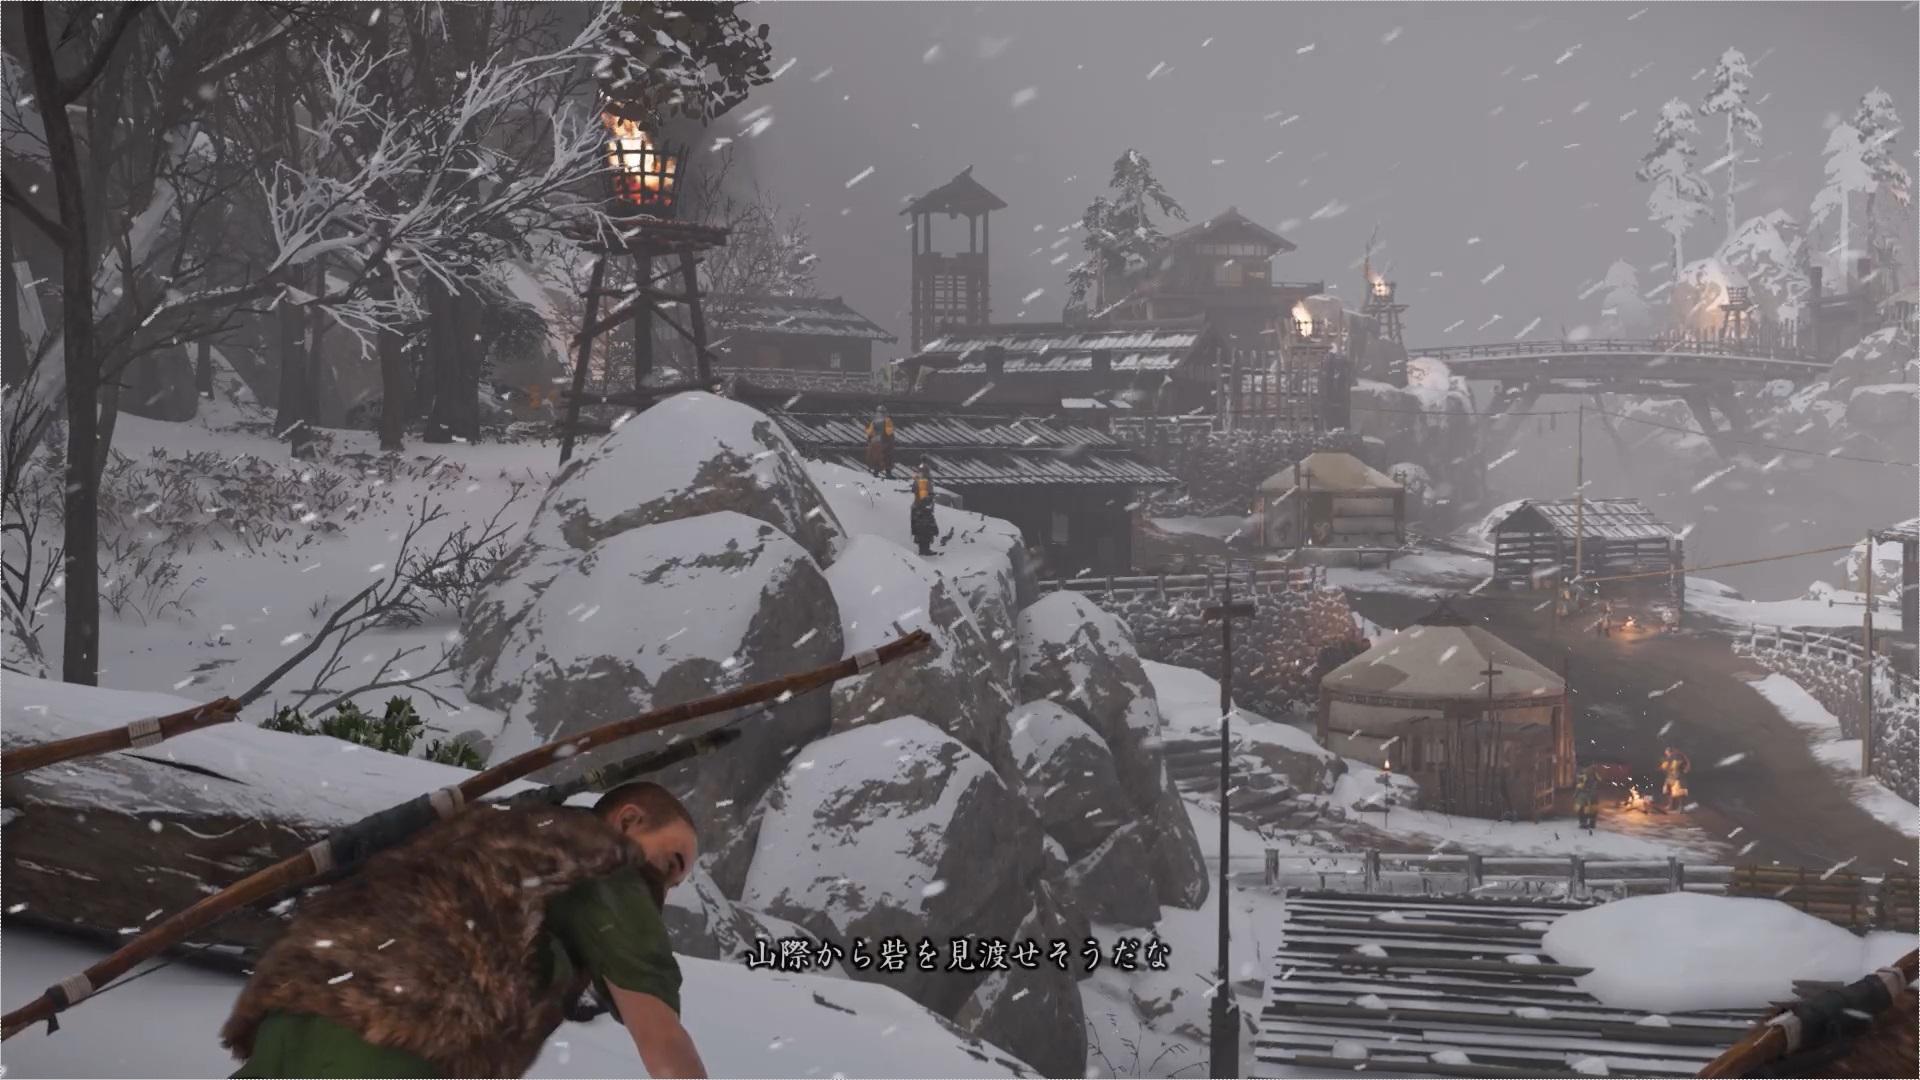 仁は丈志とその狩人仲間とともに砦の北から攻め入ることになった。